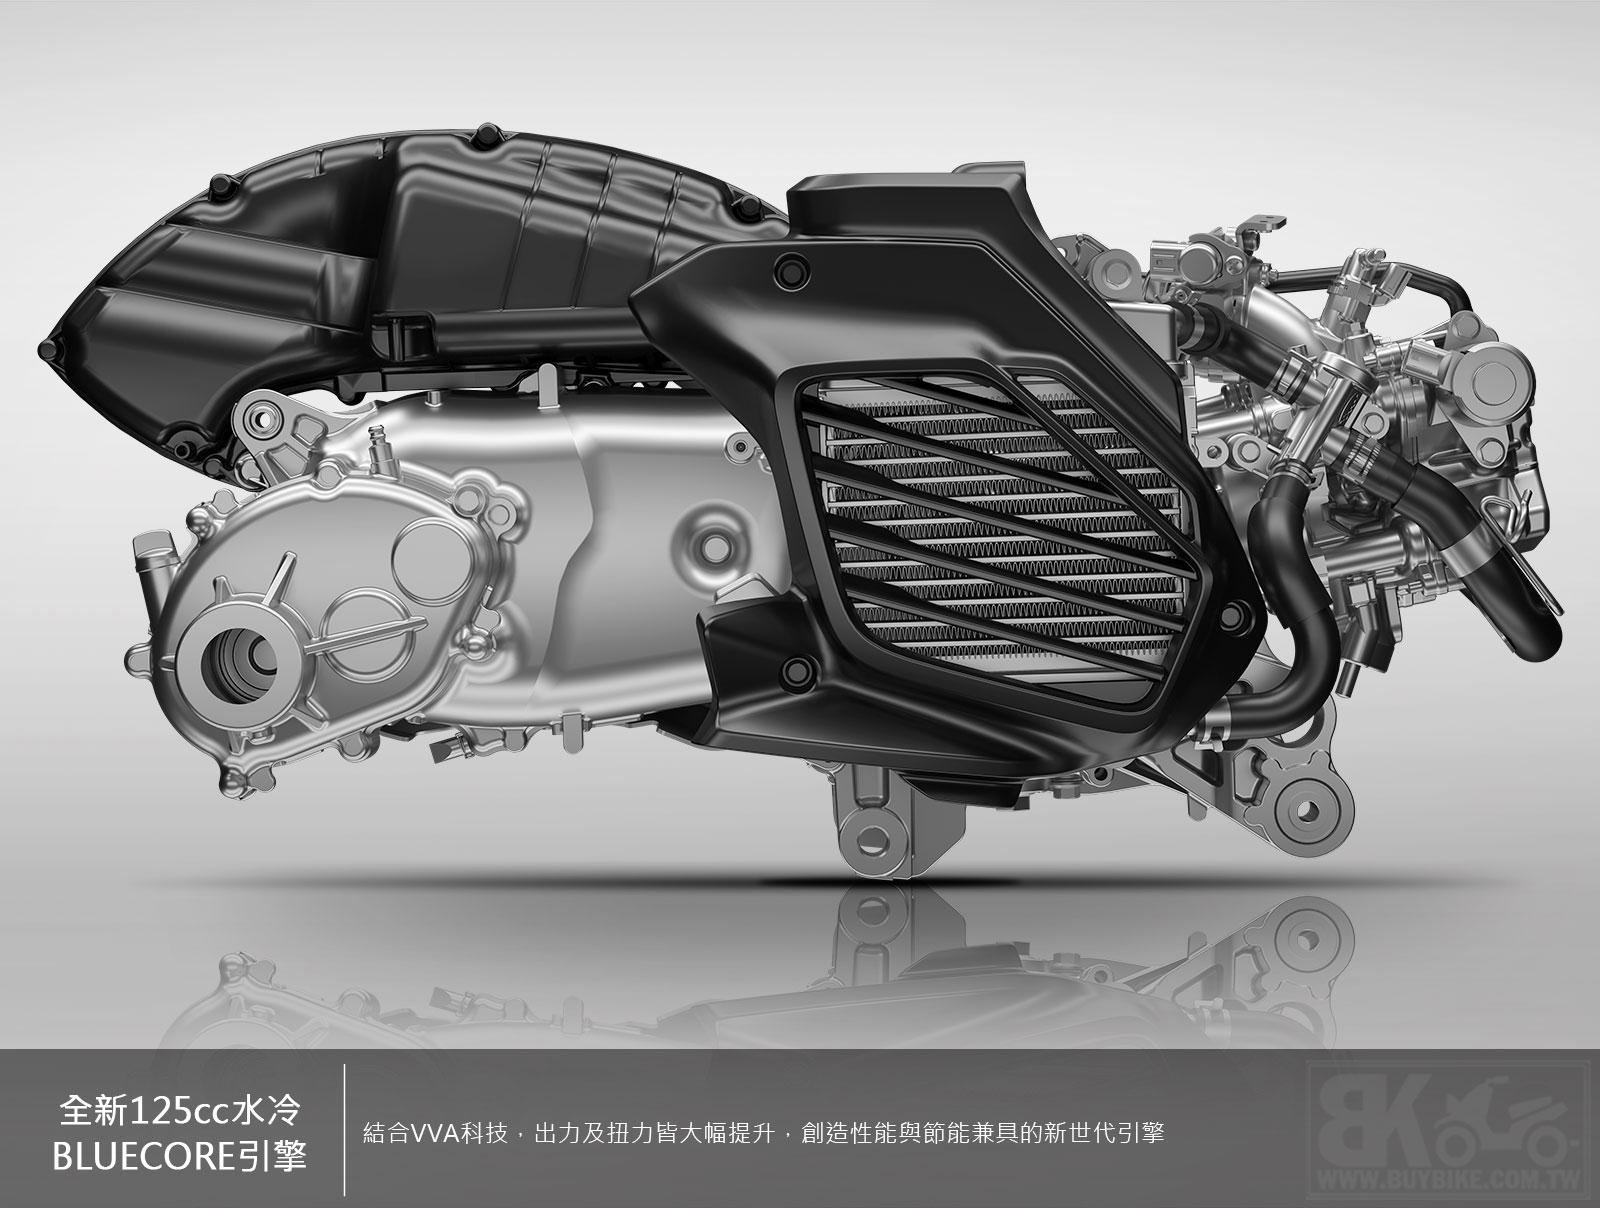 01.全新125cc水冷BLUECORE引擎